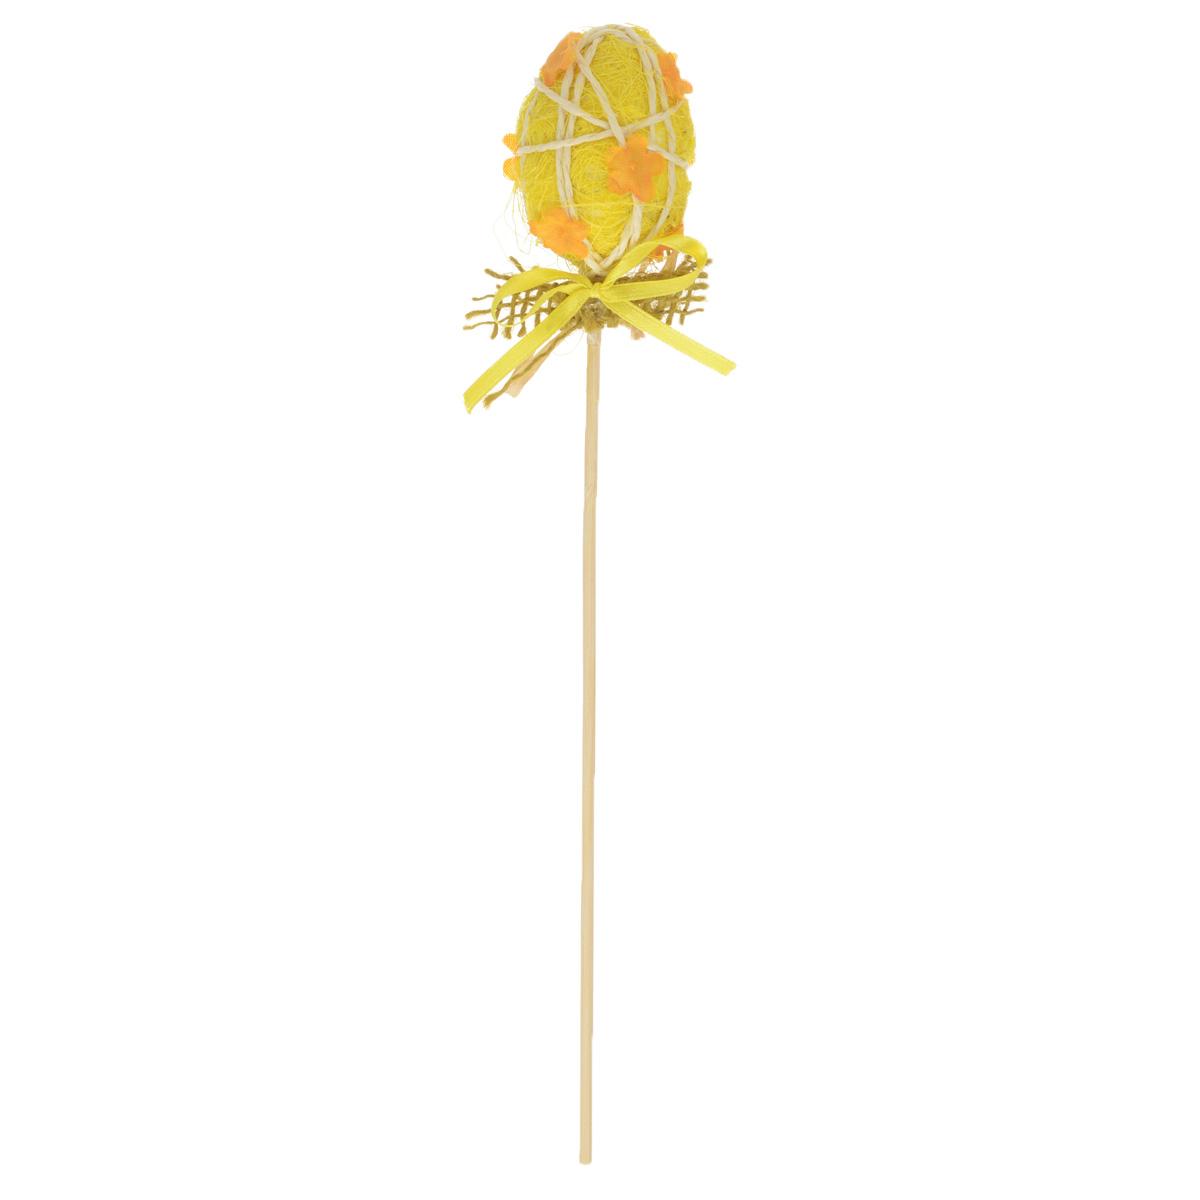 Декоративное украшение на ножке Home Queen Яйцо красивое, цвет: желтый, высота 20 см60742_2Декоративное украшение Home Queen Яйцо красивое выполнено из пенопласта в виде пасхального яйца на деревянной ножке, декорированного рельефными цветами. Изделие украшено лентой. Такое украшение прекрасно дополнит подарок для друзей или близких на Пасху. Высота: 20 см. Размер яйца: 5,5 см х 4,5 см.